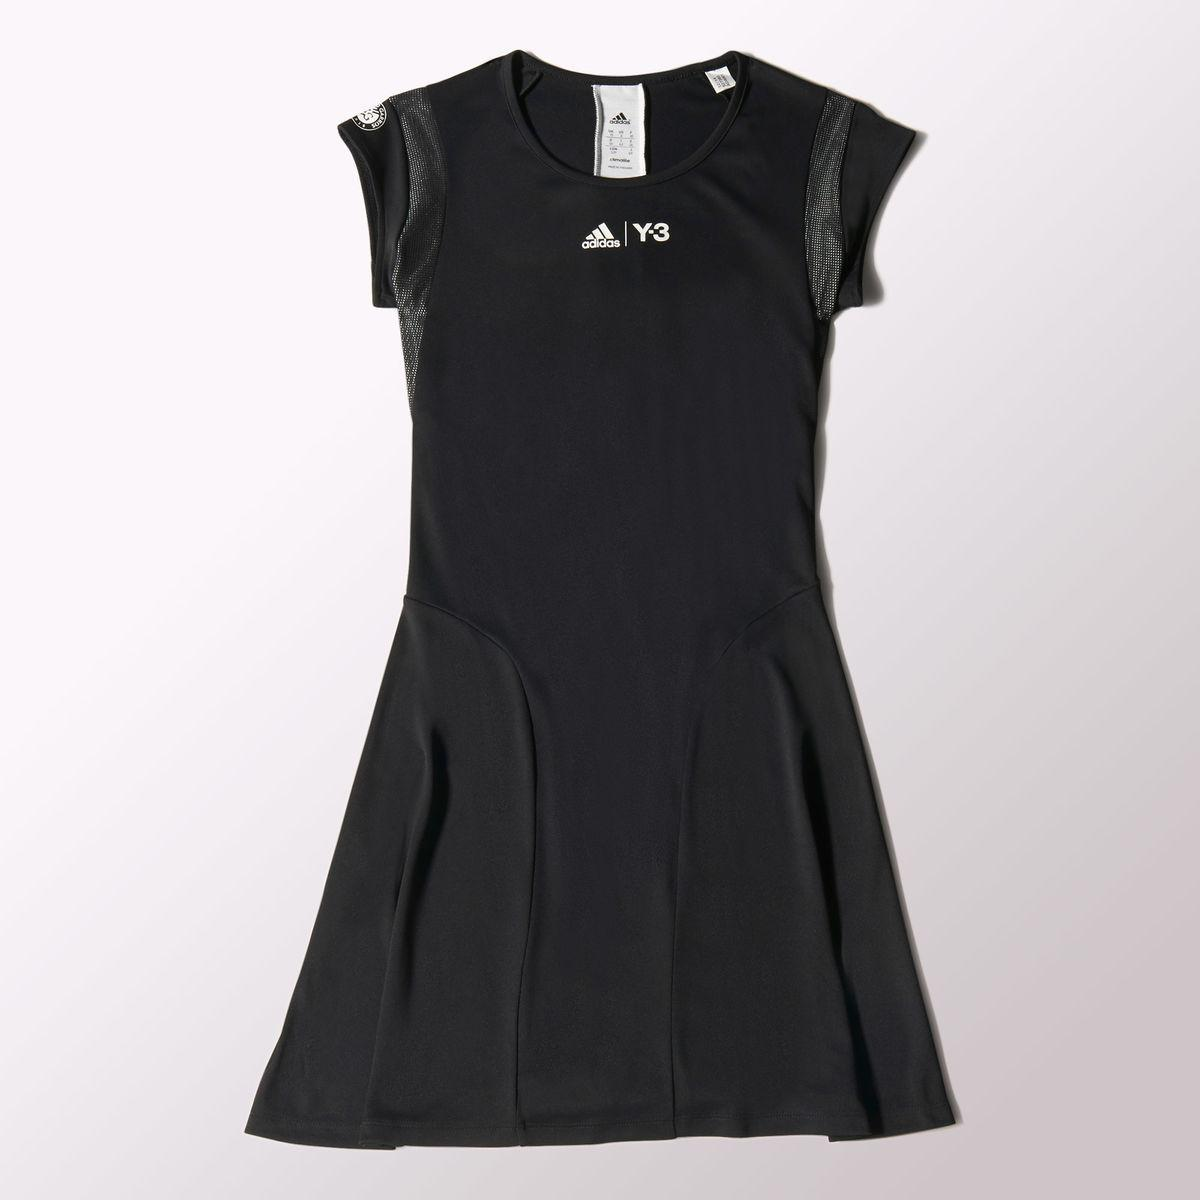 4e8e142889d0b Adidas Womens Y-3 Roland Garros Dress - Black - Tennisnuts.com